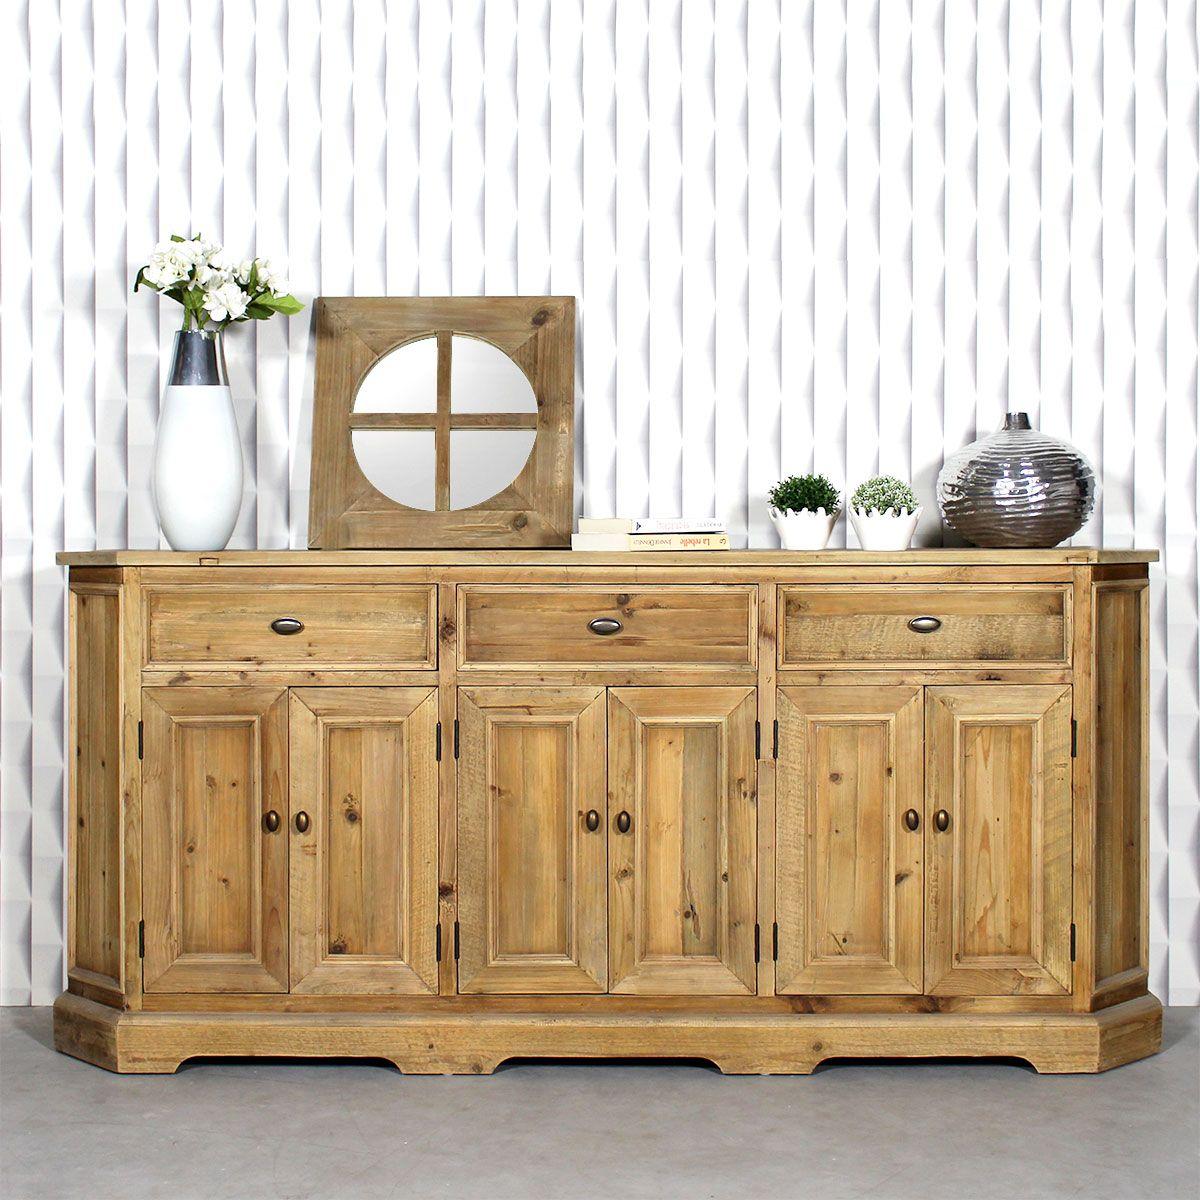 Le Buffet Enfilade Authentiq Possede Une Structure En Pin Recycle Il Vous Offrira Un Espace De Rangeme Mobilier De Salon Meuble Bois Recycle Decoration Maison